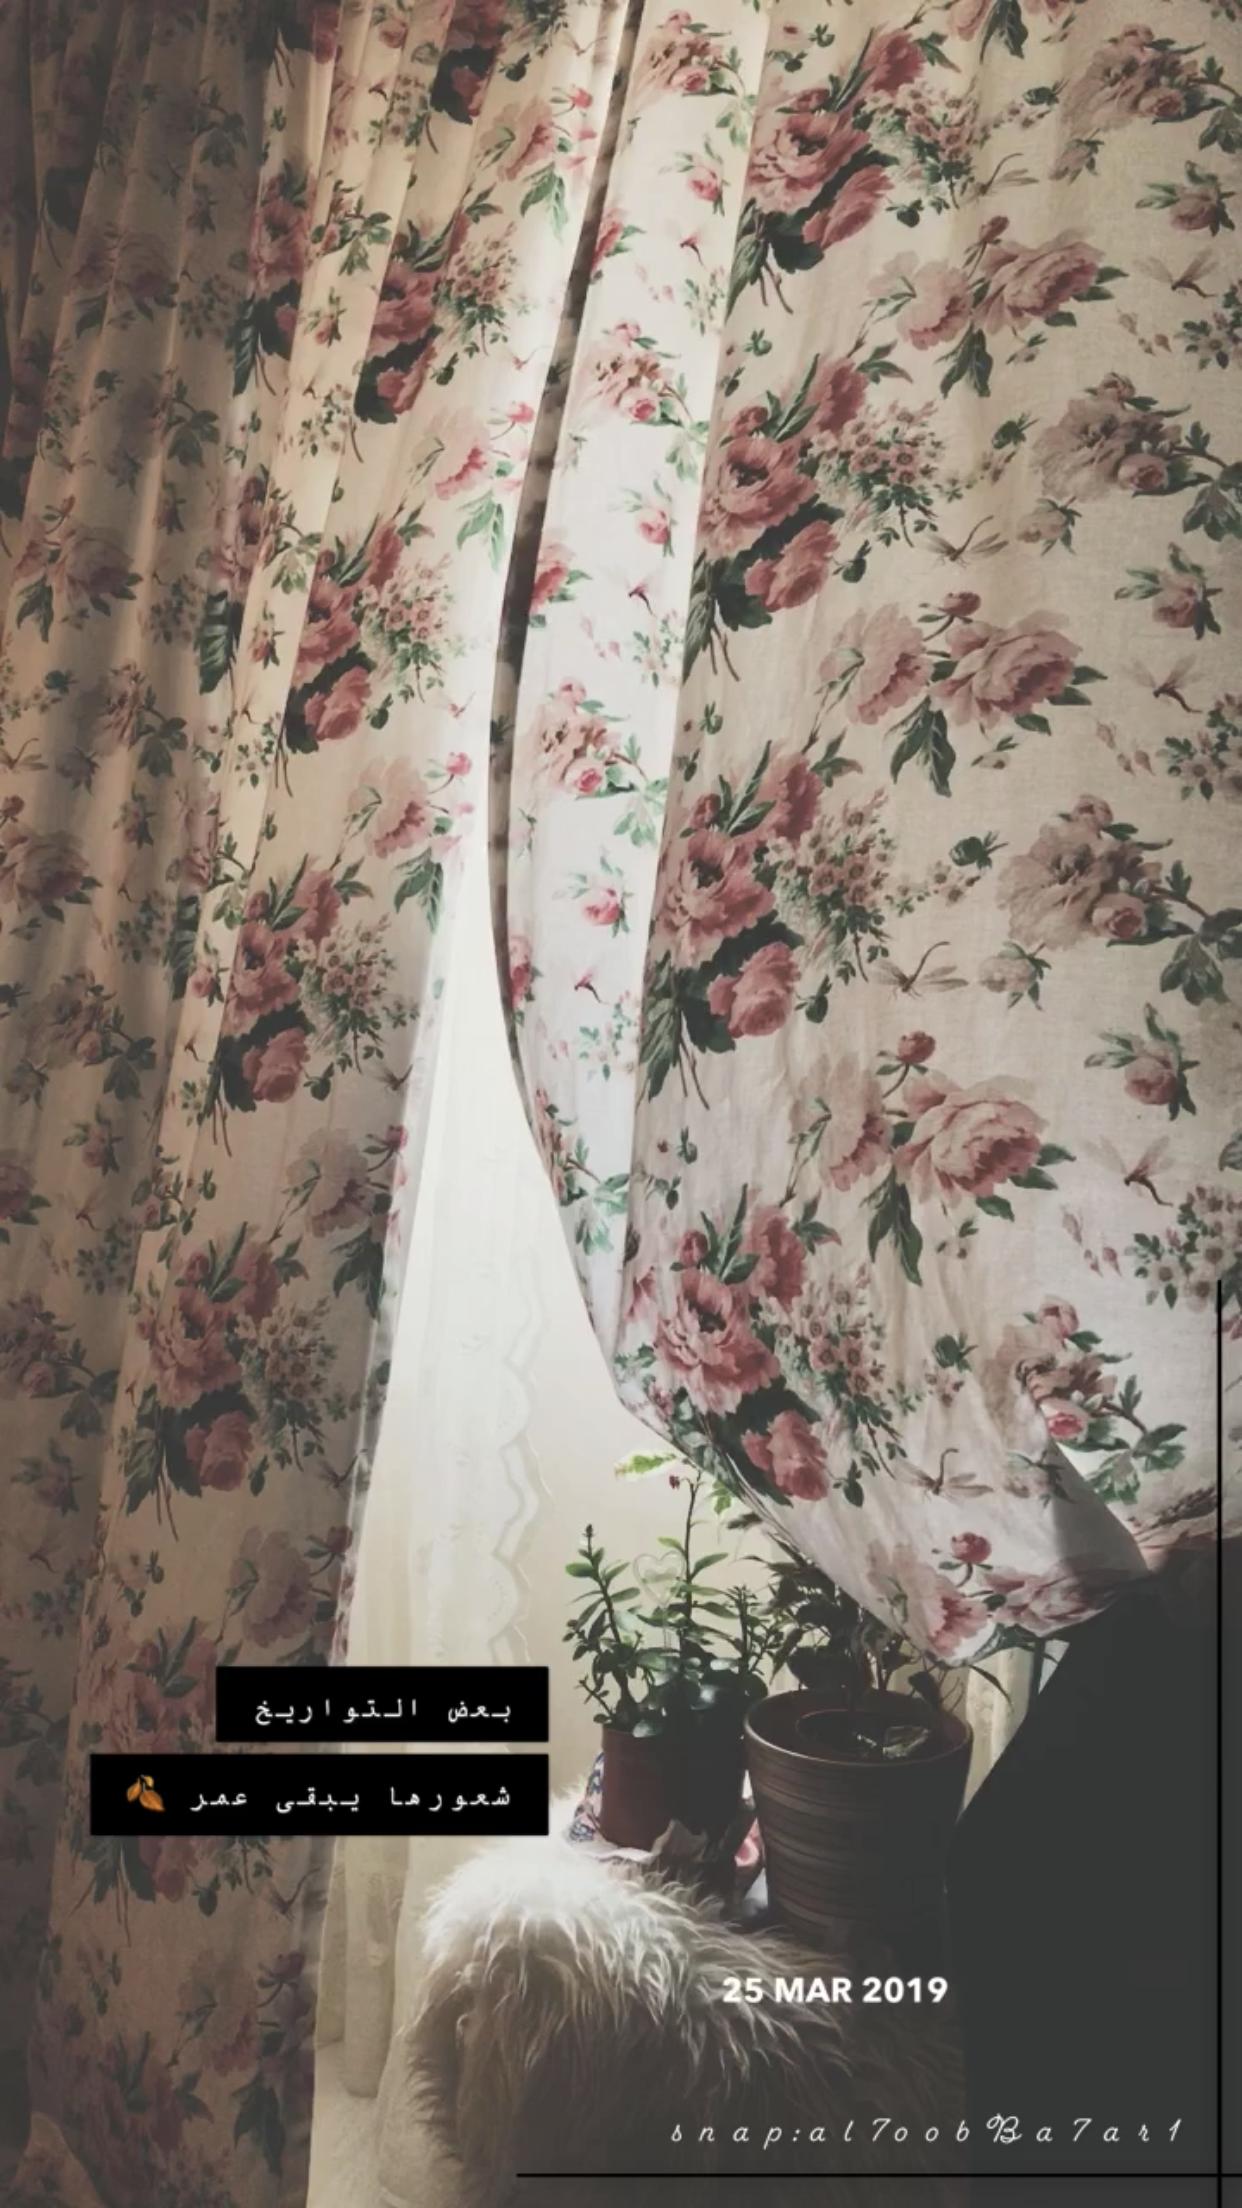 همسة بعض التواريخ شعورها يبقى عمر تصويري تصويري سناب تصميمي تصميم ٢٥ مارس ميلاد صوره من في Amazing Quotes Snapchat Quotes Positive Notes